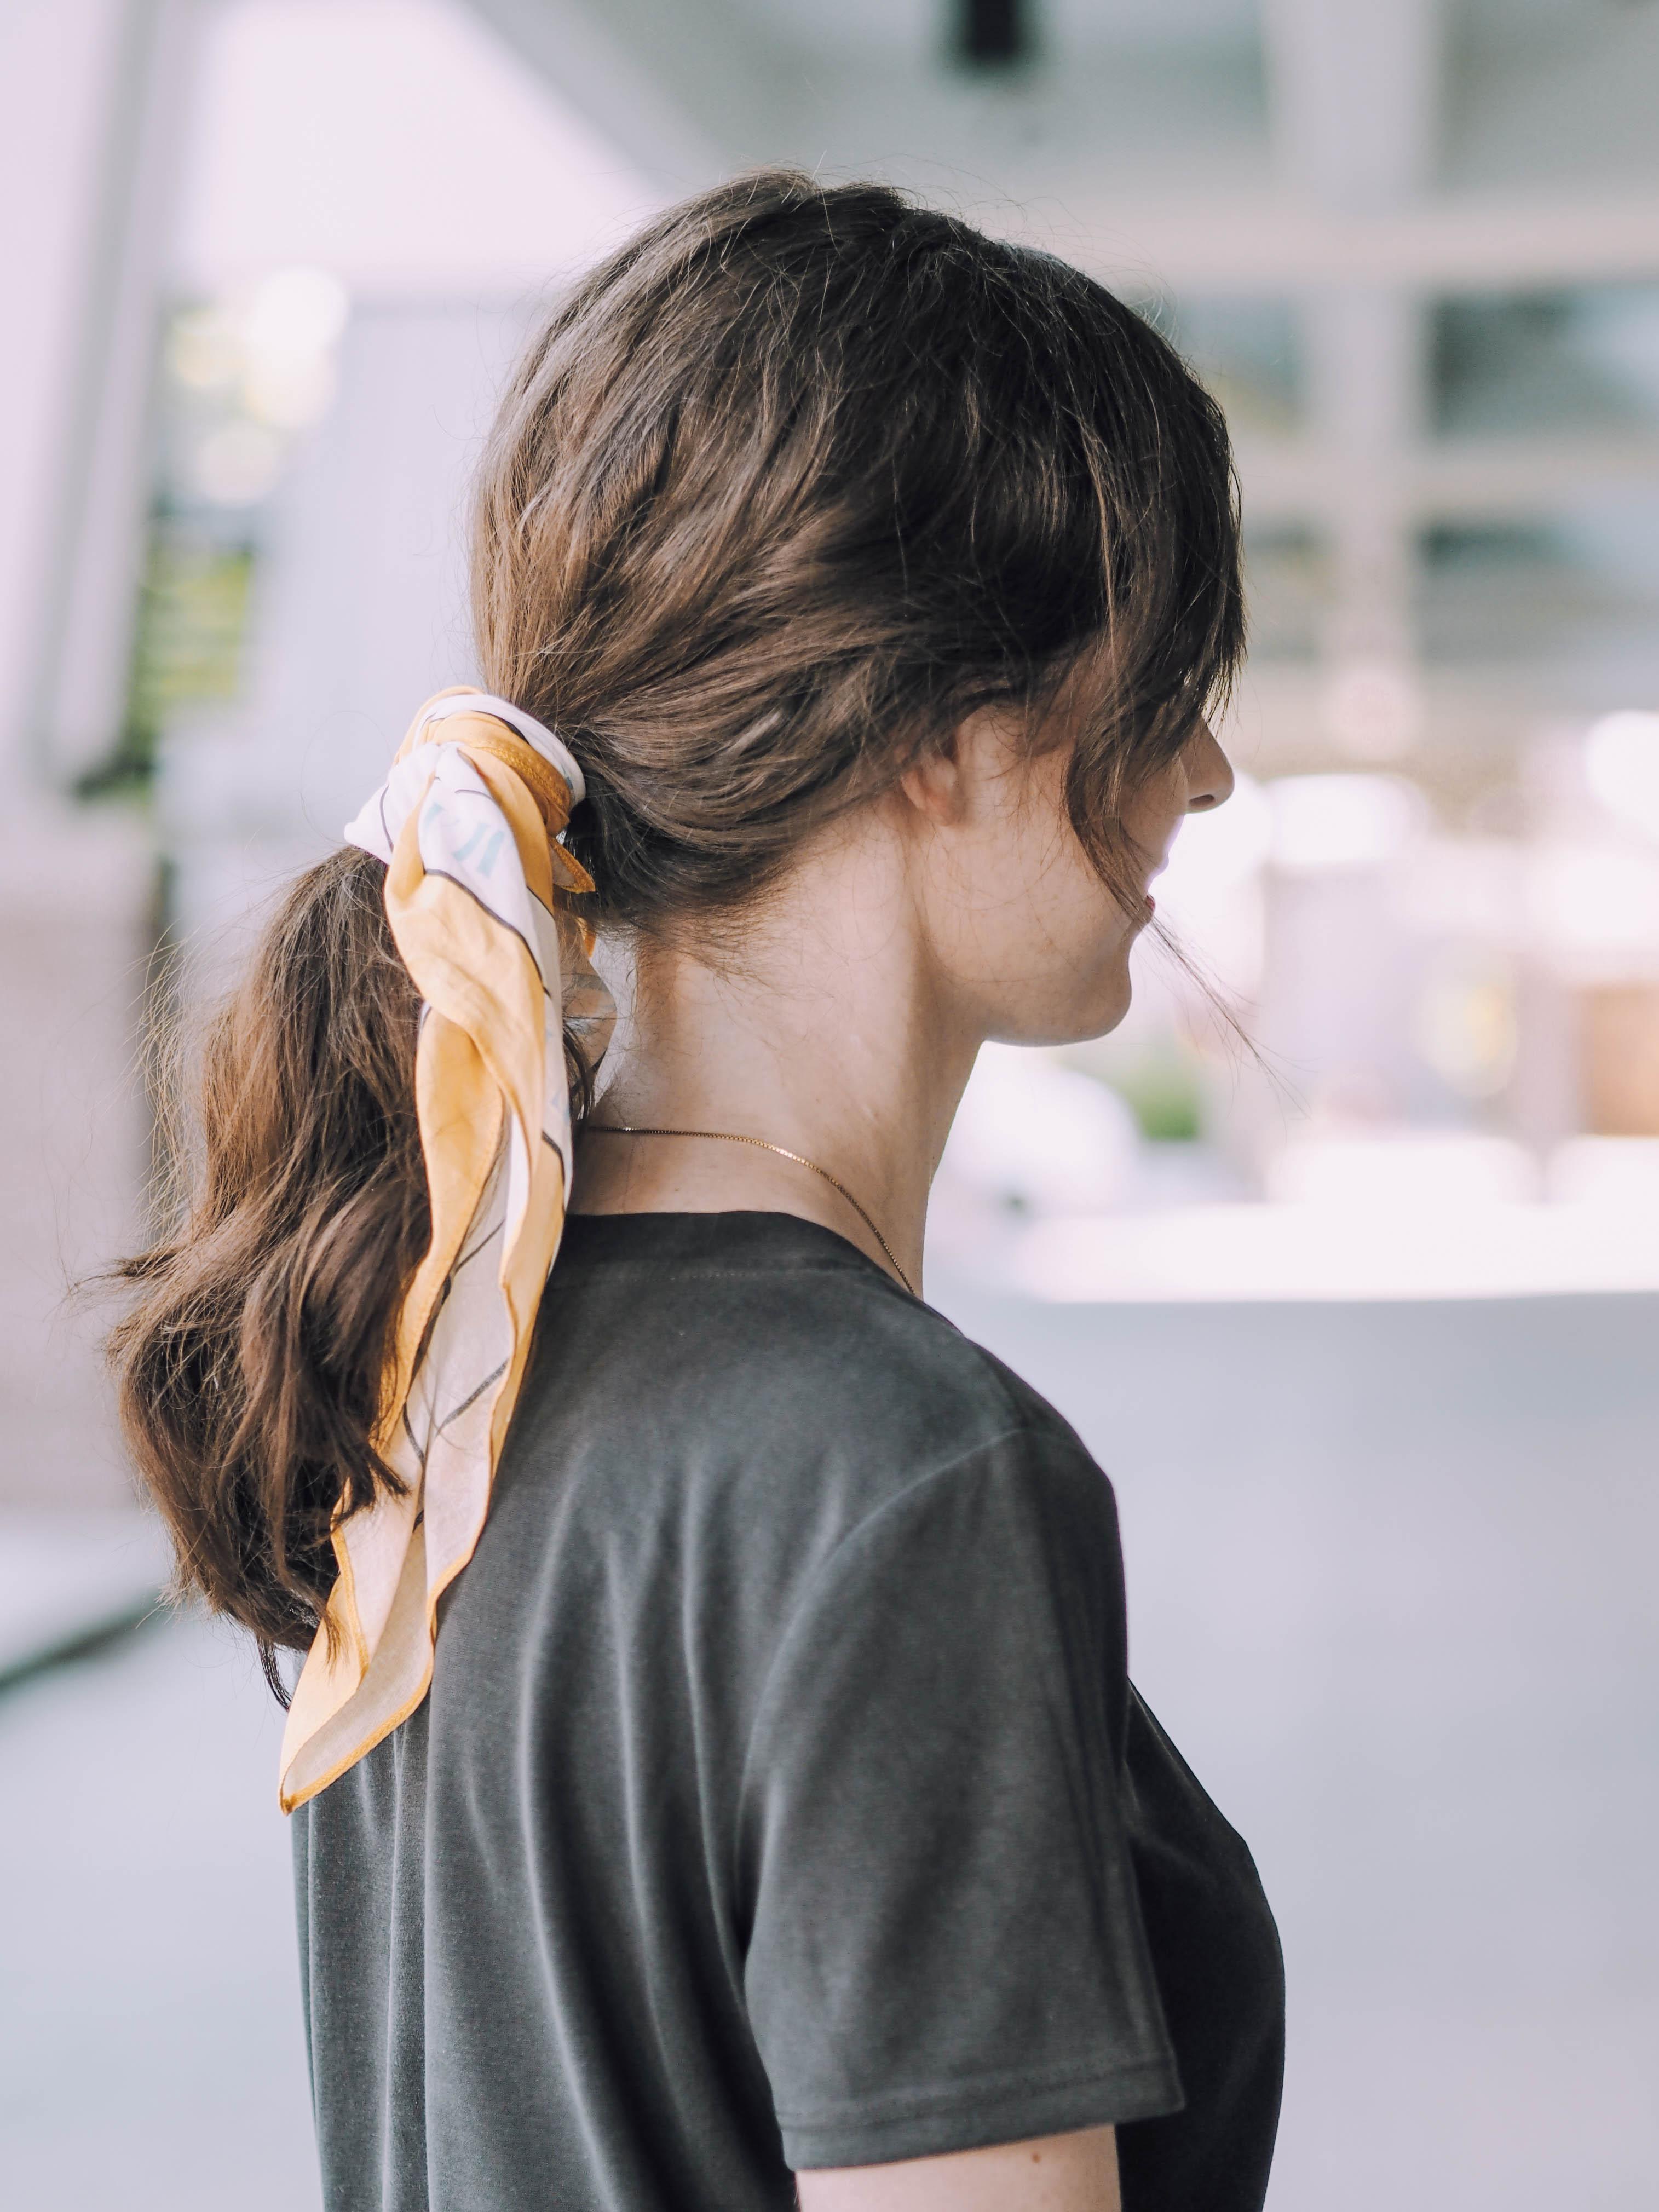 Haarband Frisuren Styling Mit Jeder Haarlange